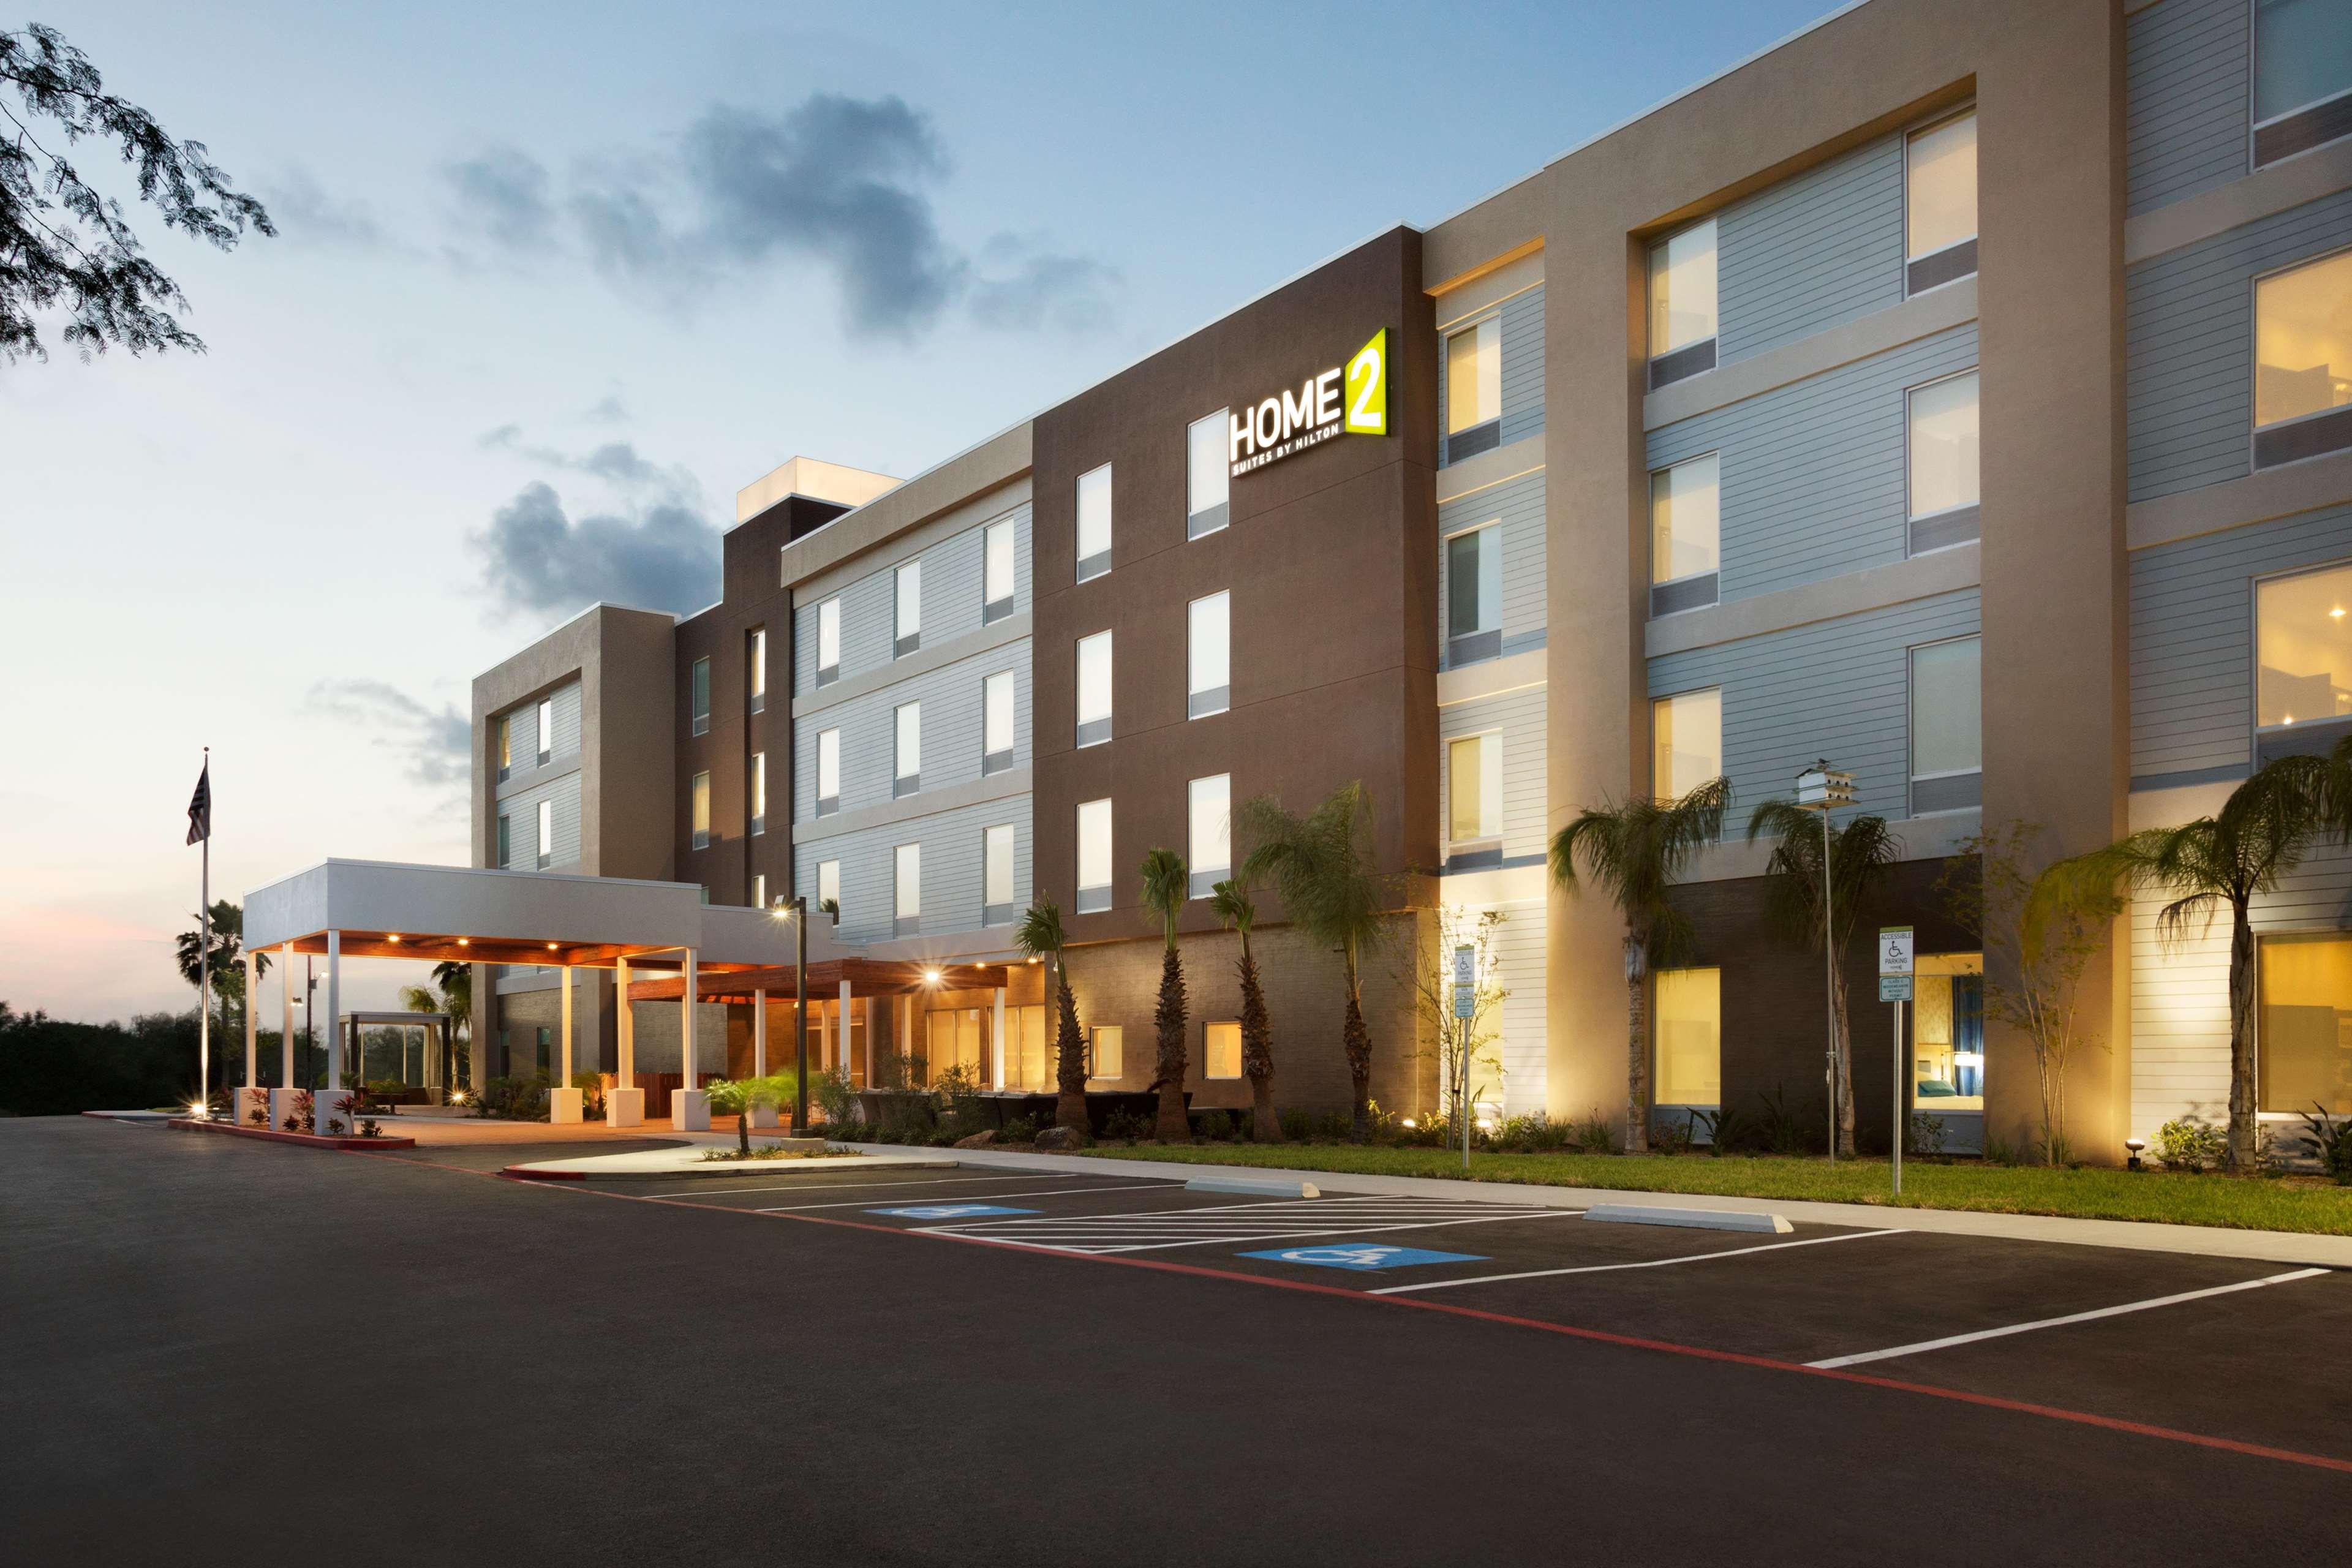 Home2 Suites by Hilton McAllen image 3